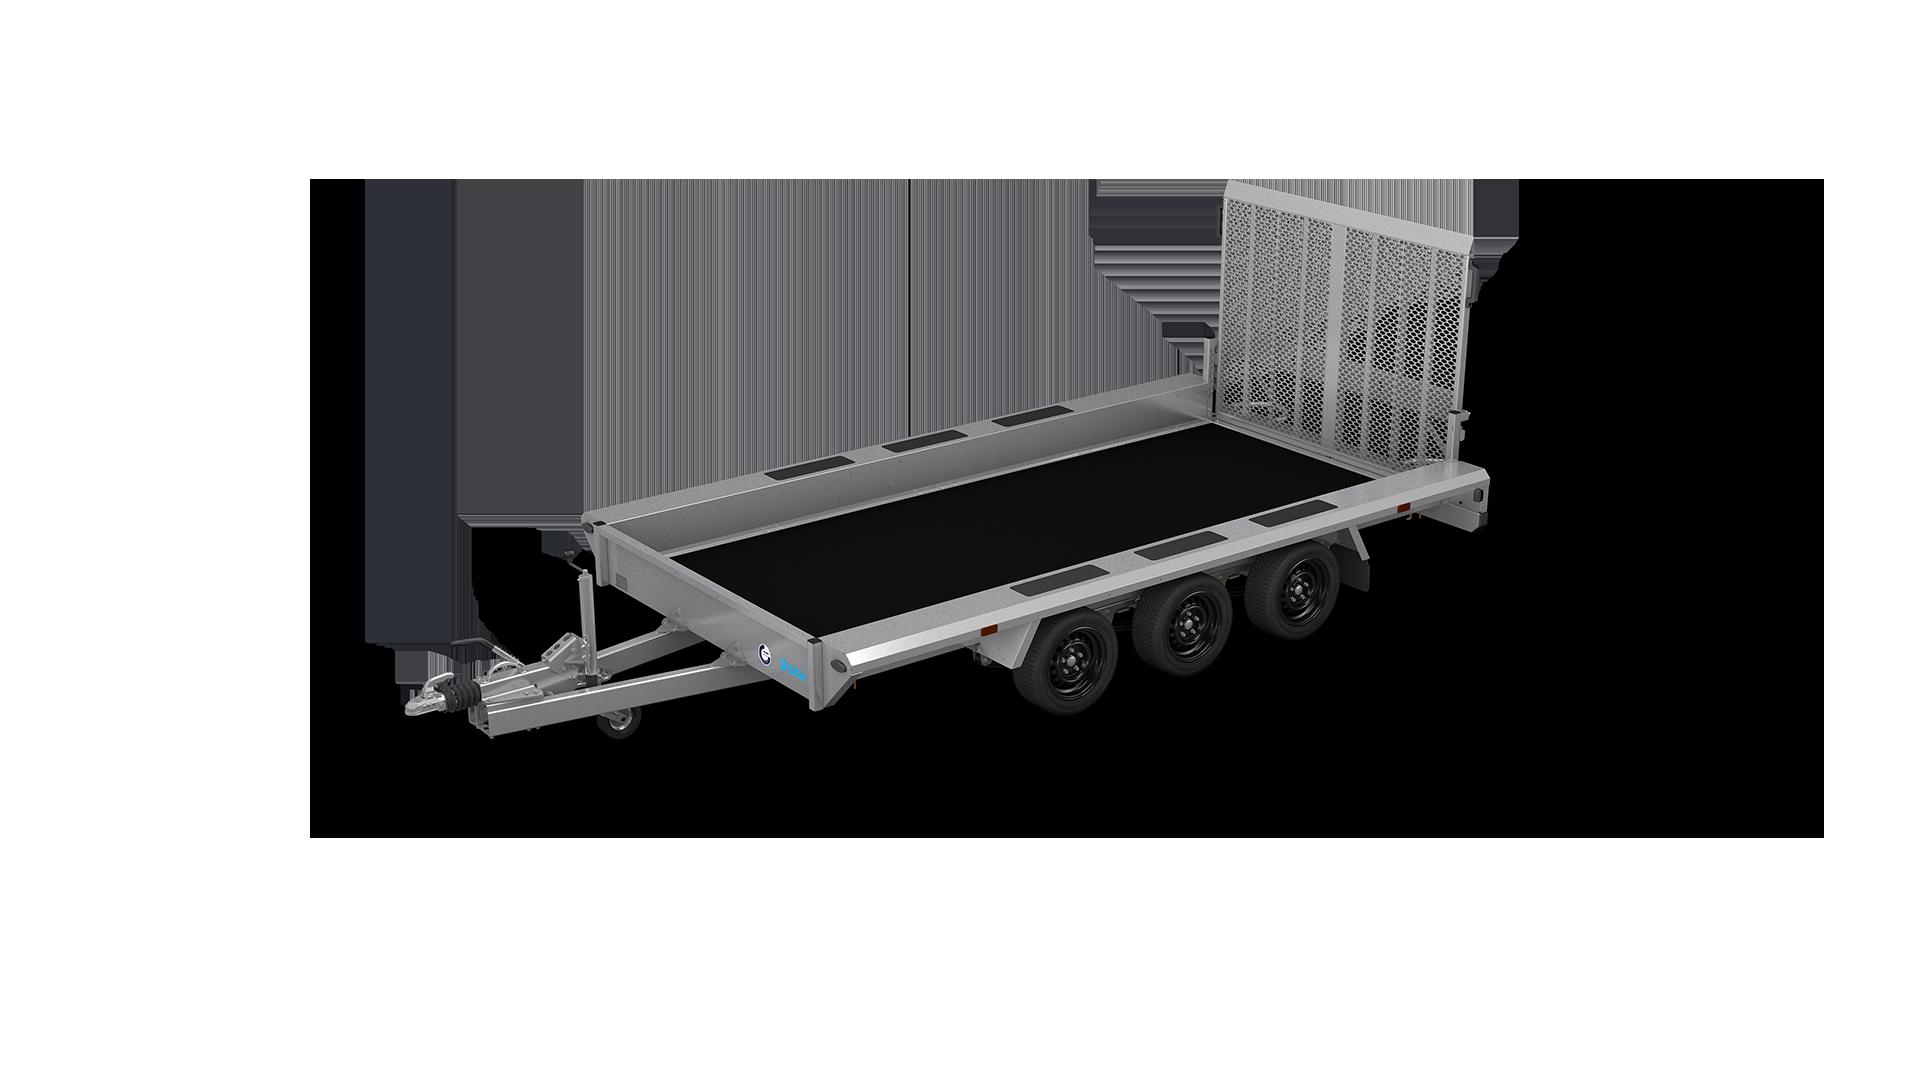 HAPERT Transportanhänger INDIGO LF-3 nicht kippbarer Maschinentransporter